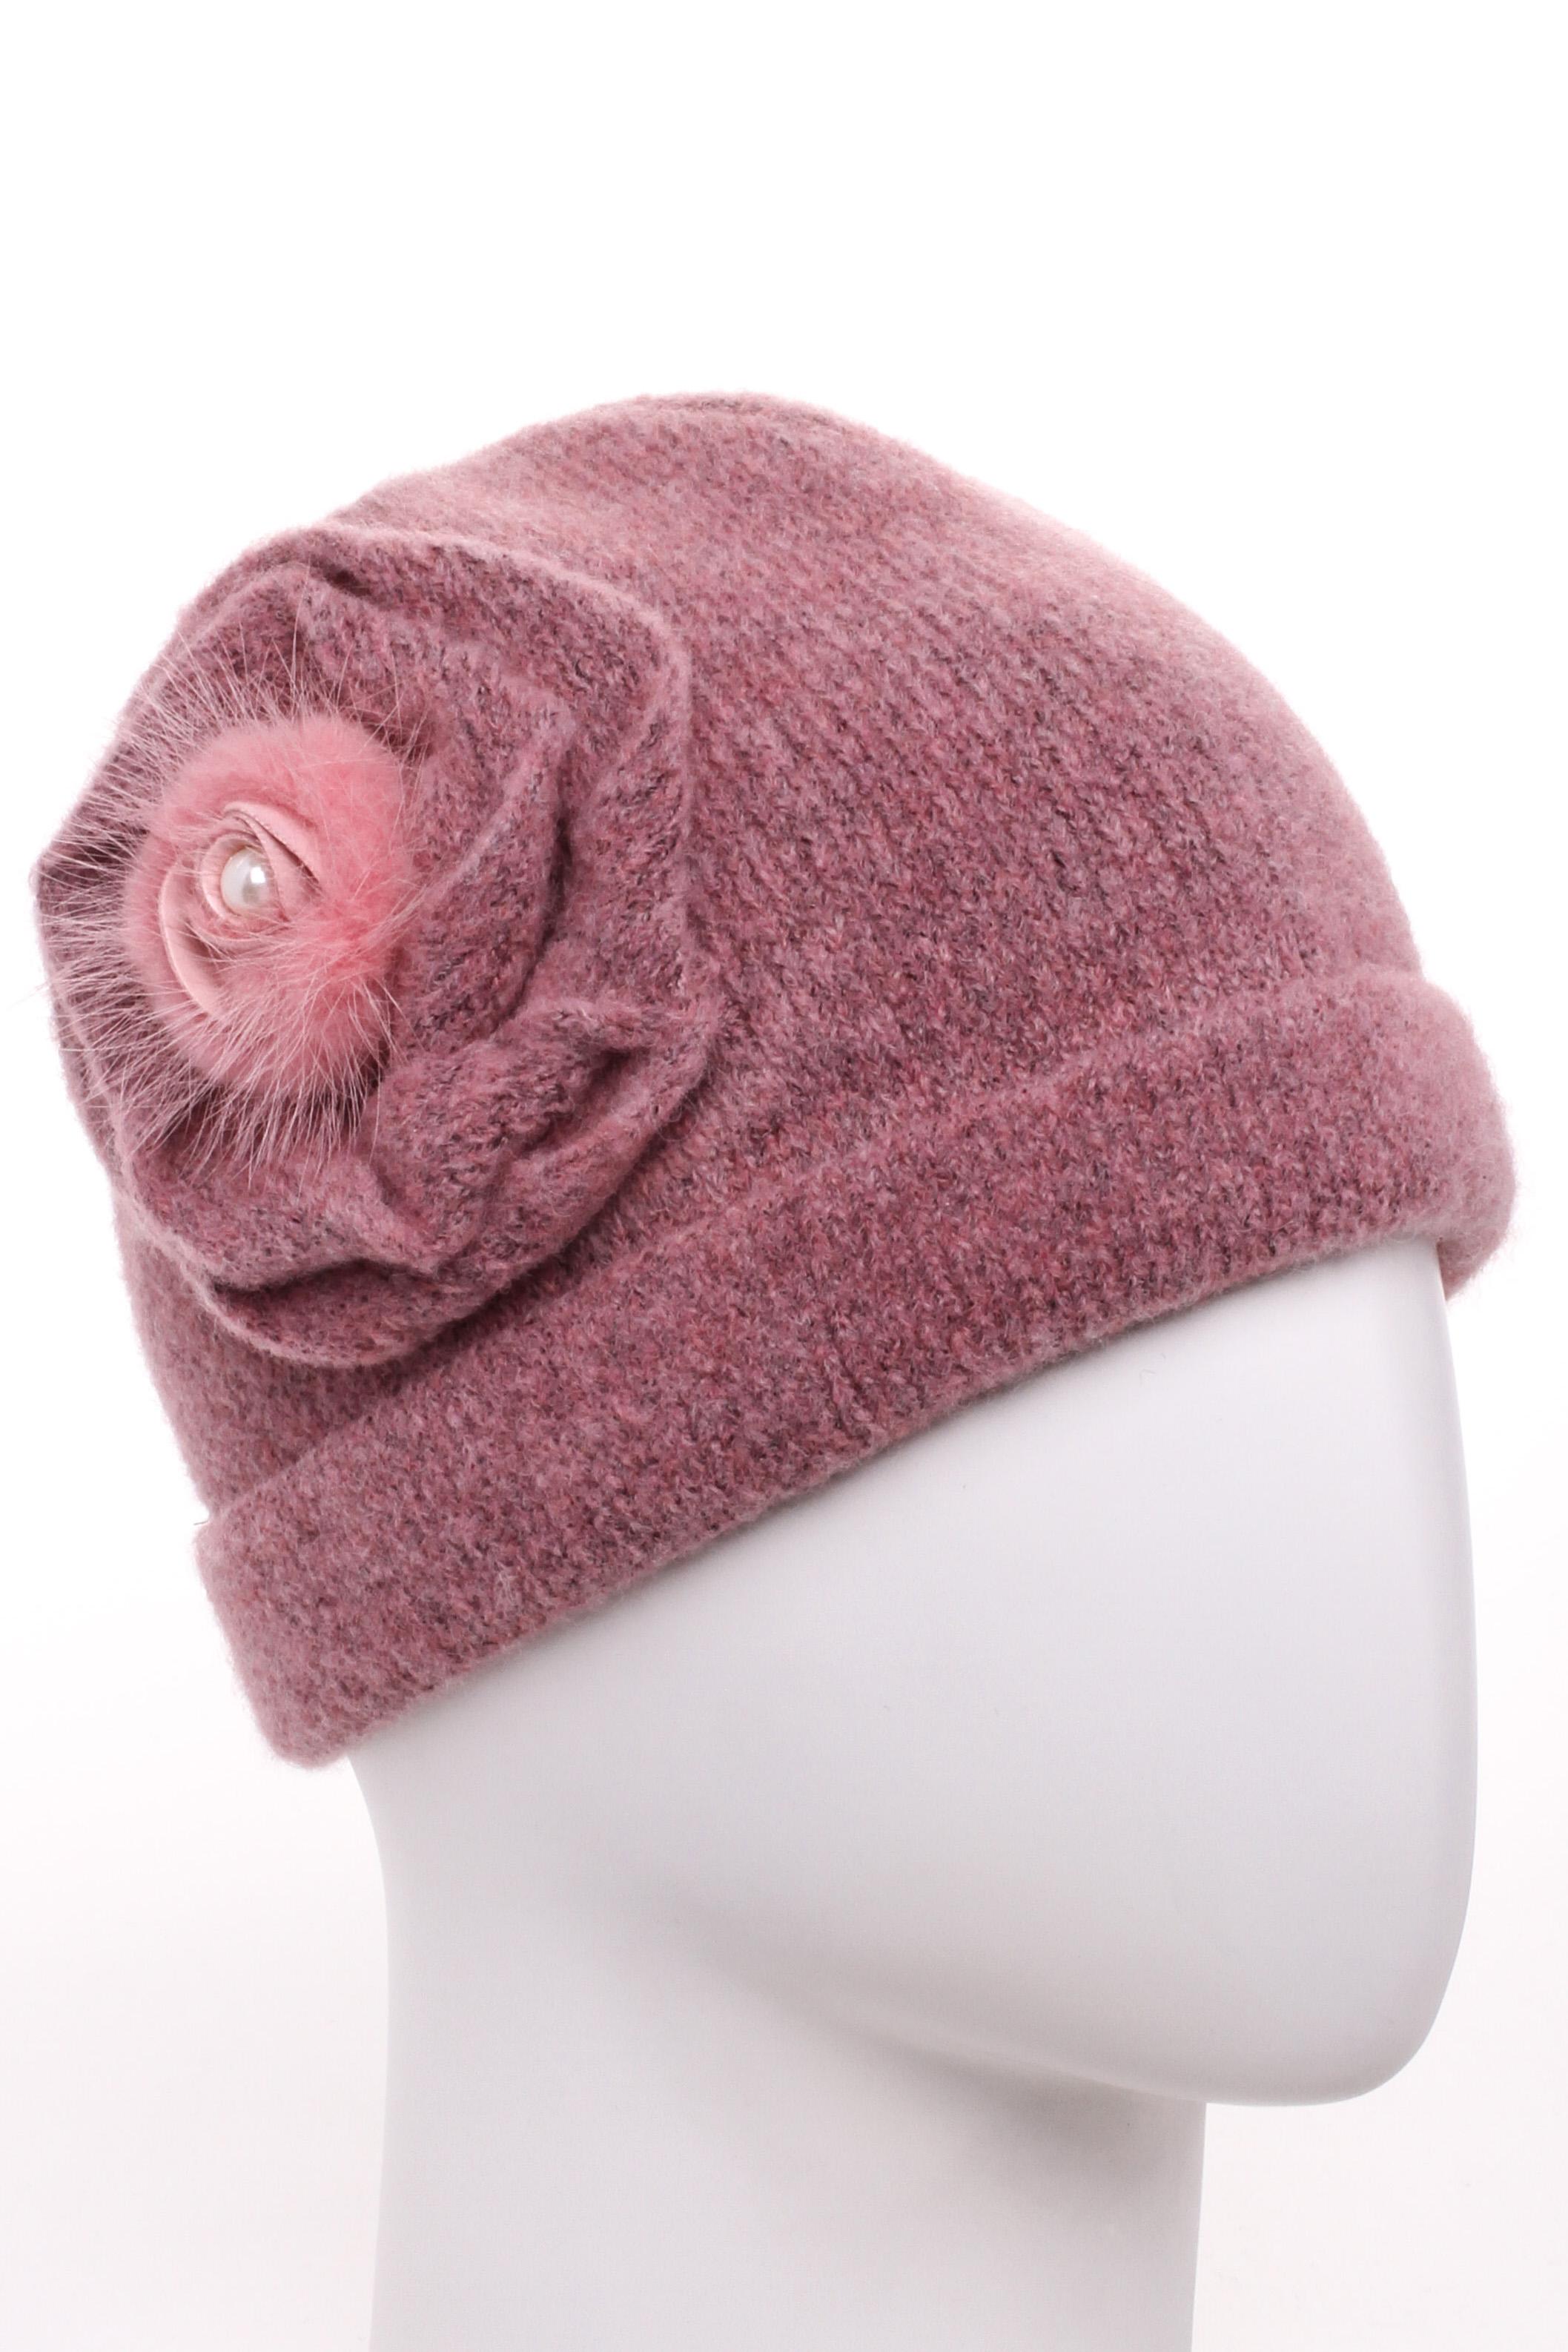 ШапкаШапки<br>Стильная шапка защитит Вас от непогоды и станет прекрасным дополнением Вашего образа.  В изделии использованы цвета: розовый<br><br>По материалу: Вязаные<br>По рисунку: Однотонные<br>По элементам: С декором<br>По сезону: Зима<br>Размер : universal<br>Материал: Вязаное полотно<br>Количество в наличии: 1